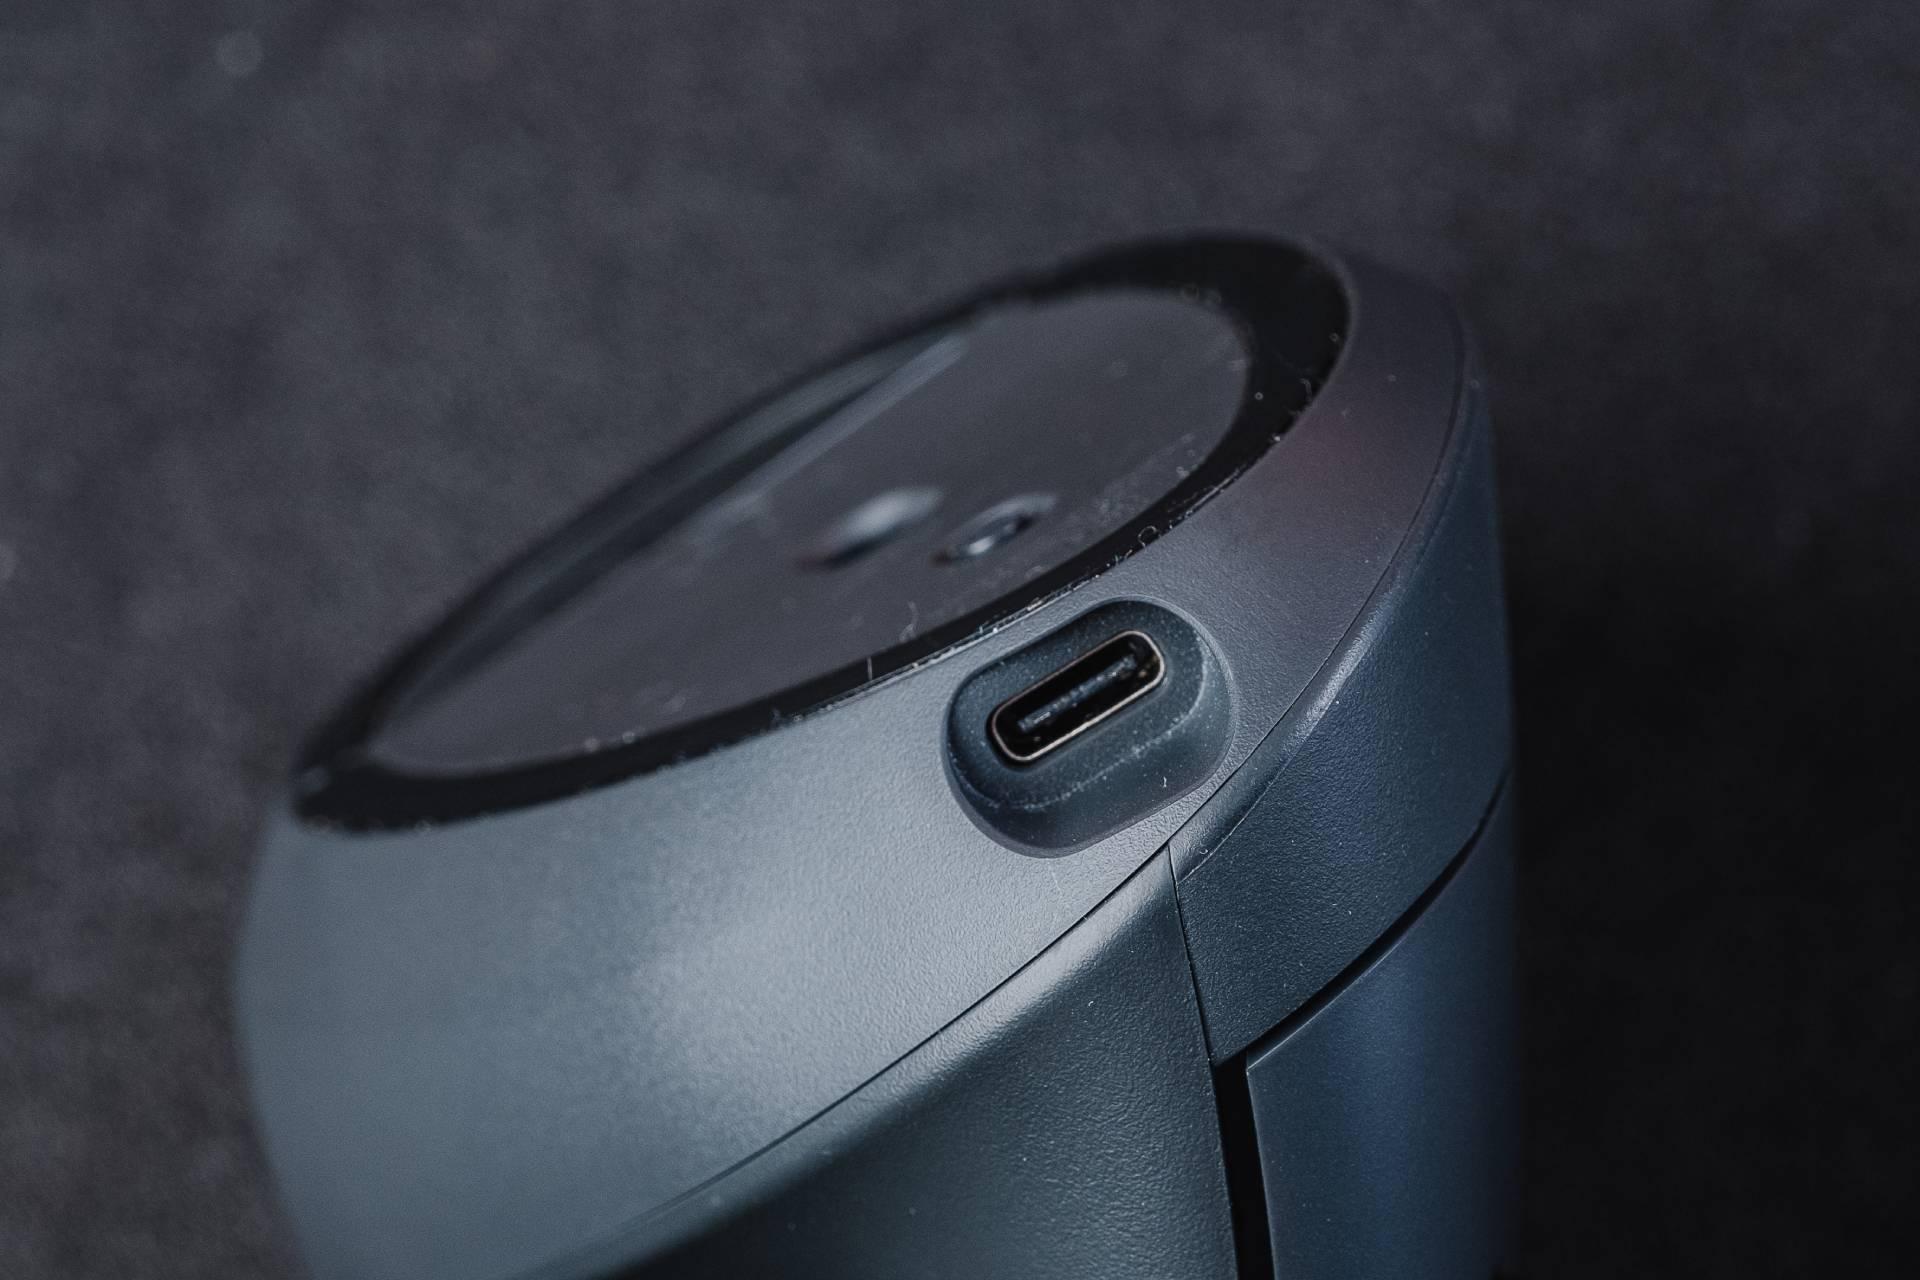 Você pode usar o mouse por fio USB, wireless com o receptor ou via Bluetooth (Foto: Zoom)